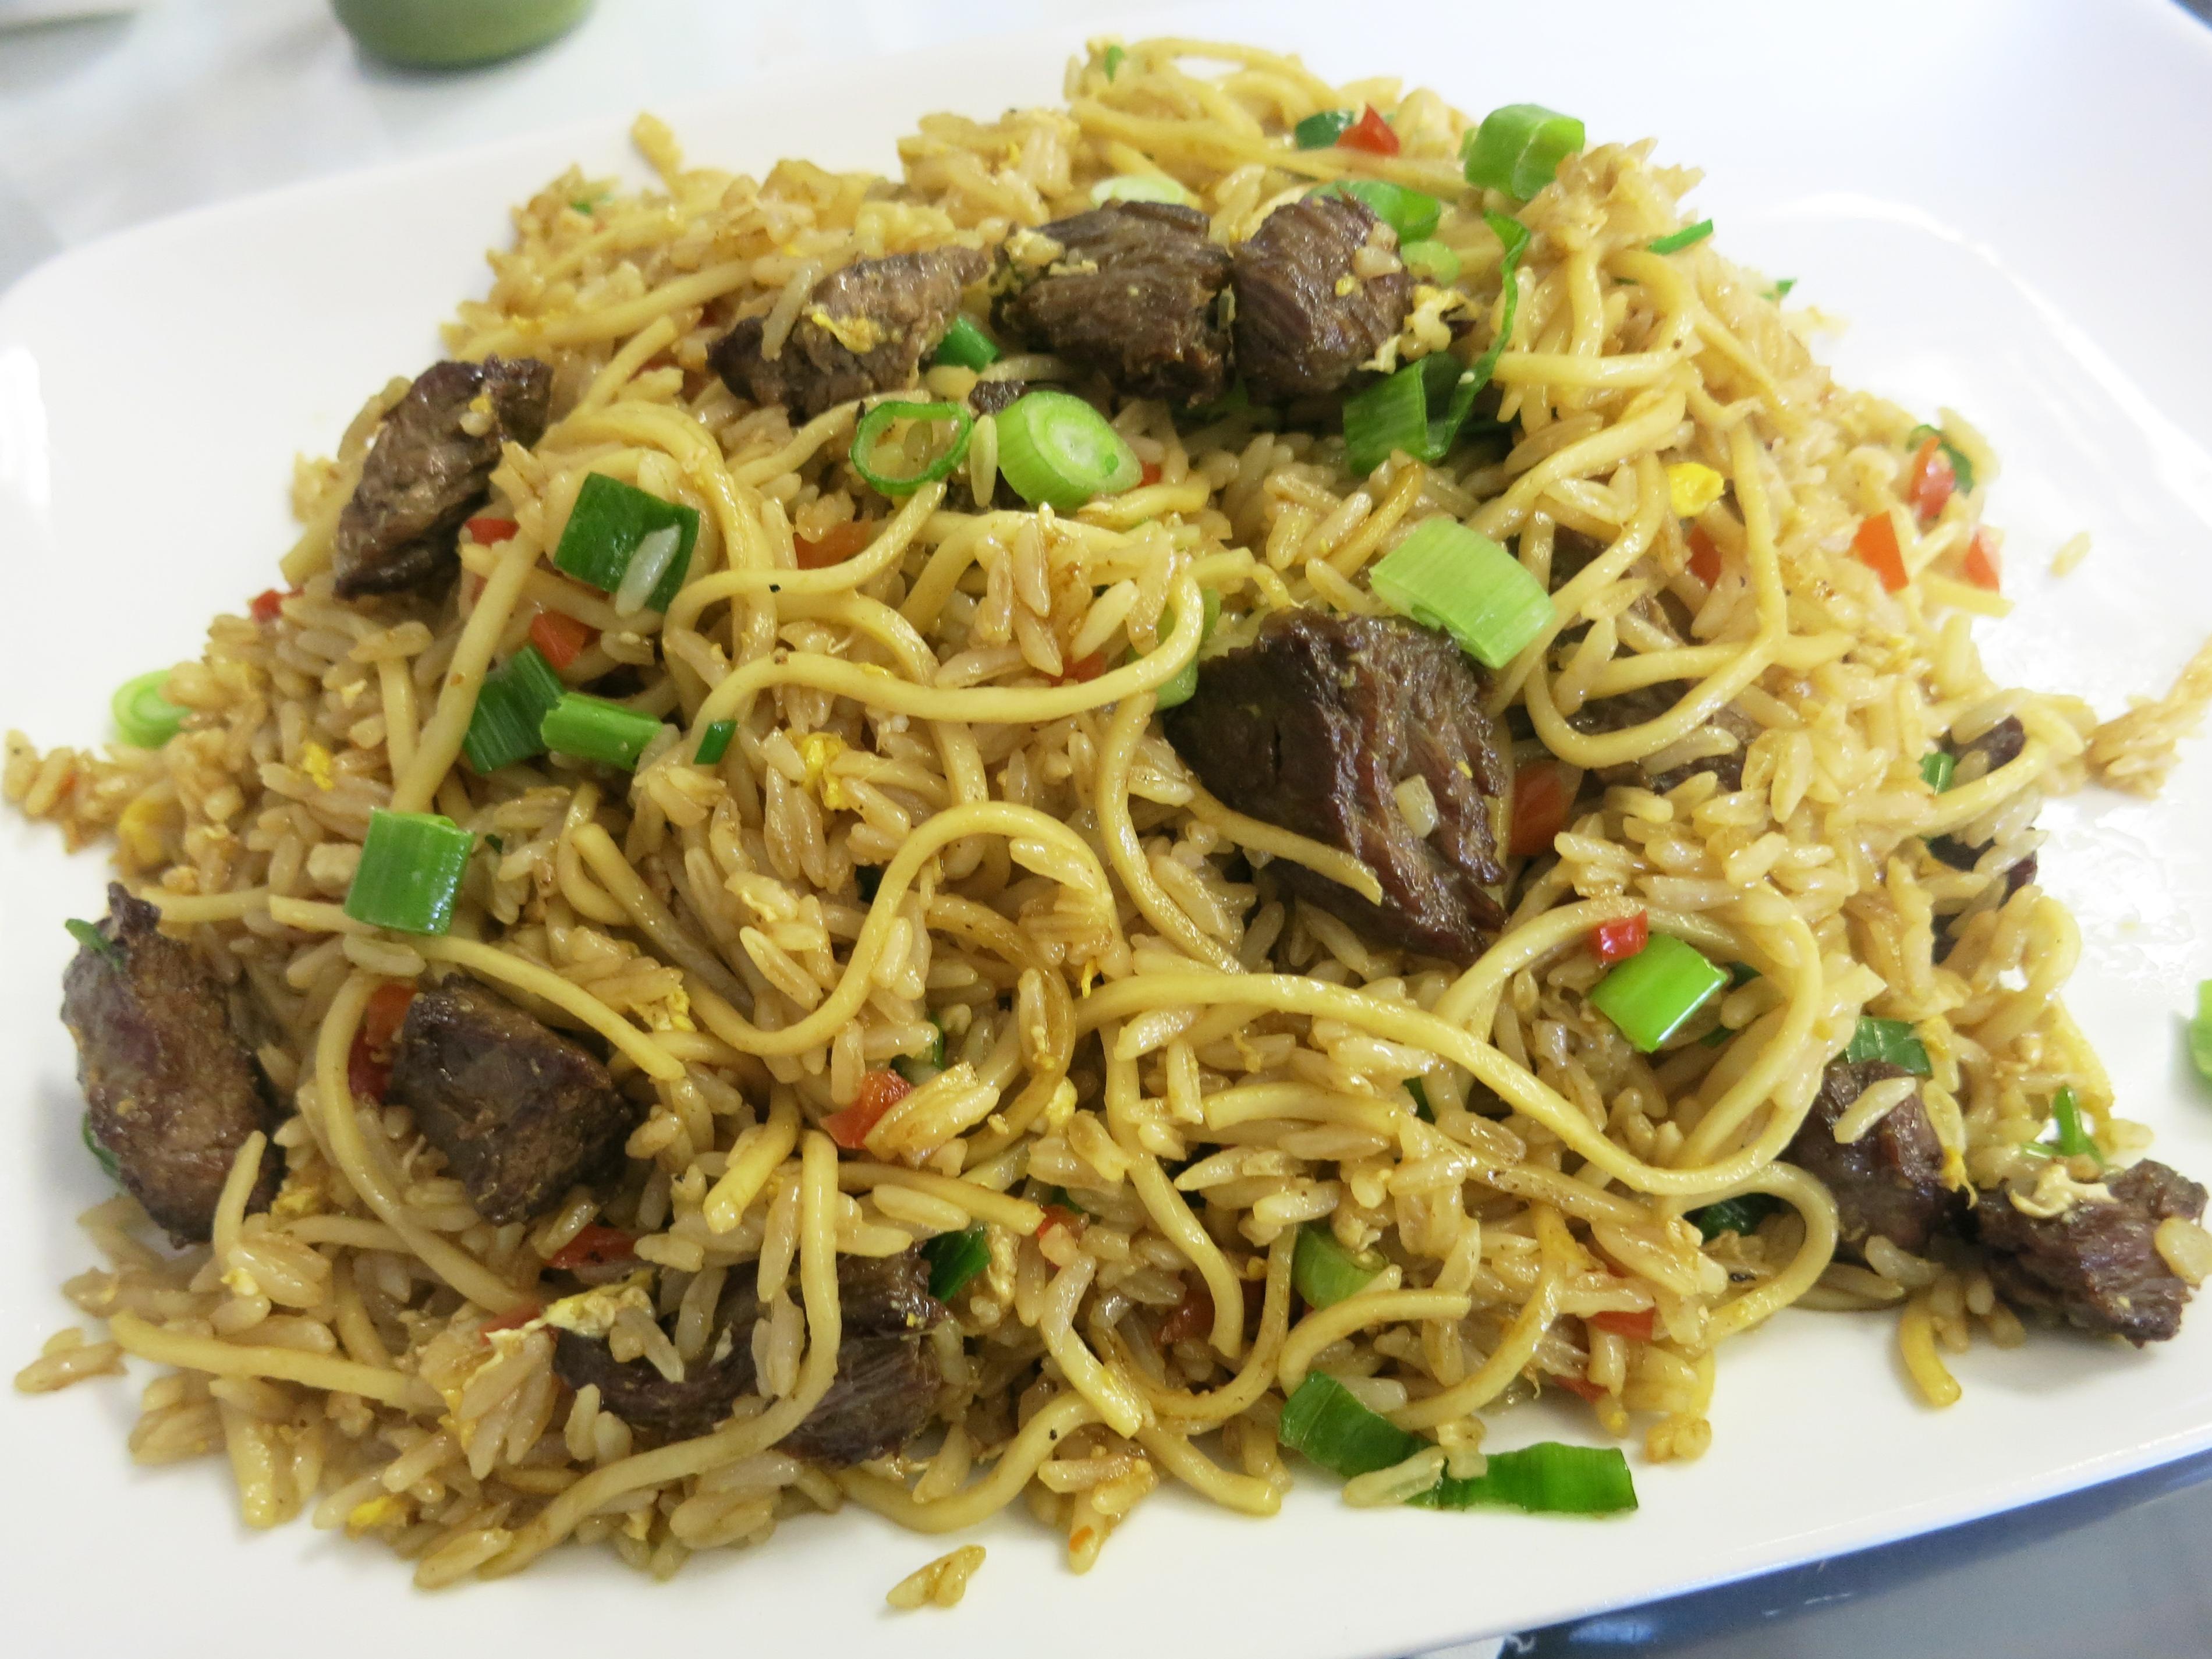 画像2: 以前、五反田のアルコイリスというペルー料理店の記事で、「チーファ(Chifa)」という料理ジャンルを紹介したことがある。ペルーなど南米諸国の現地の料理と、中国移民がもたらした調味料や技法が融合し、独特な中華料理として結実 ... 続きを読む → yakitan.info